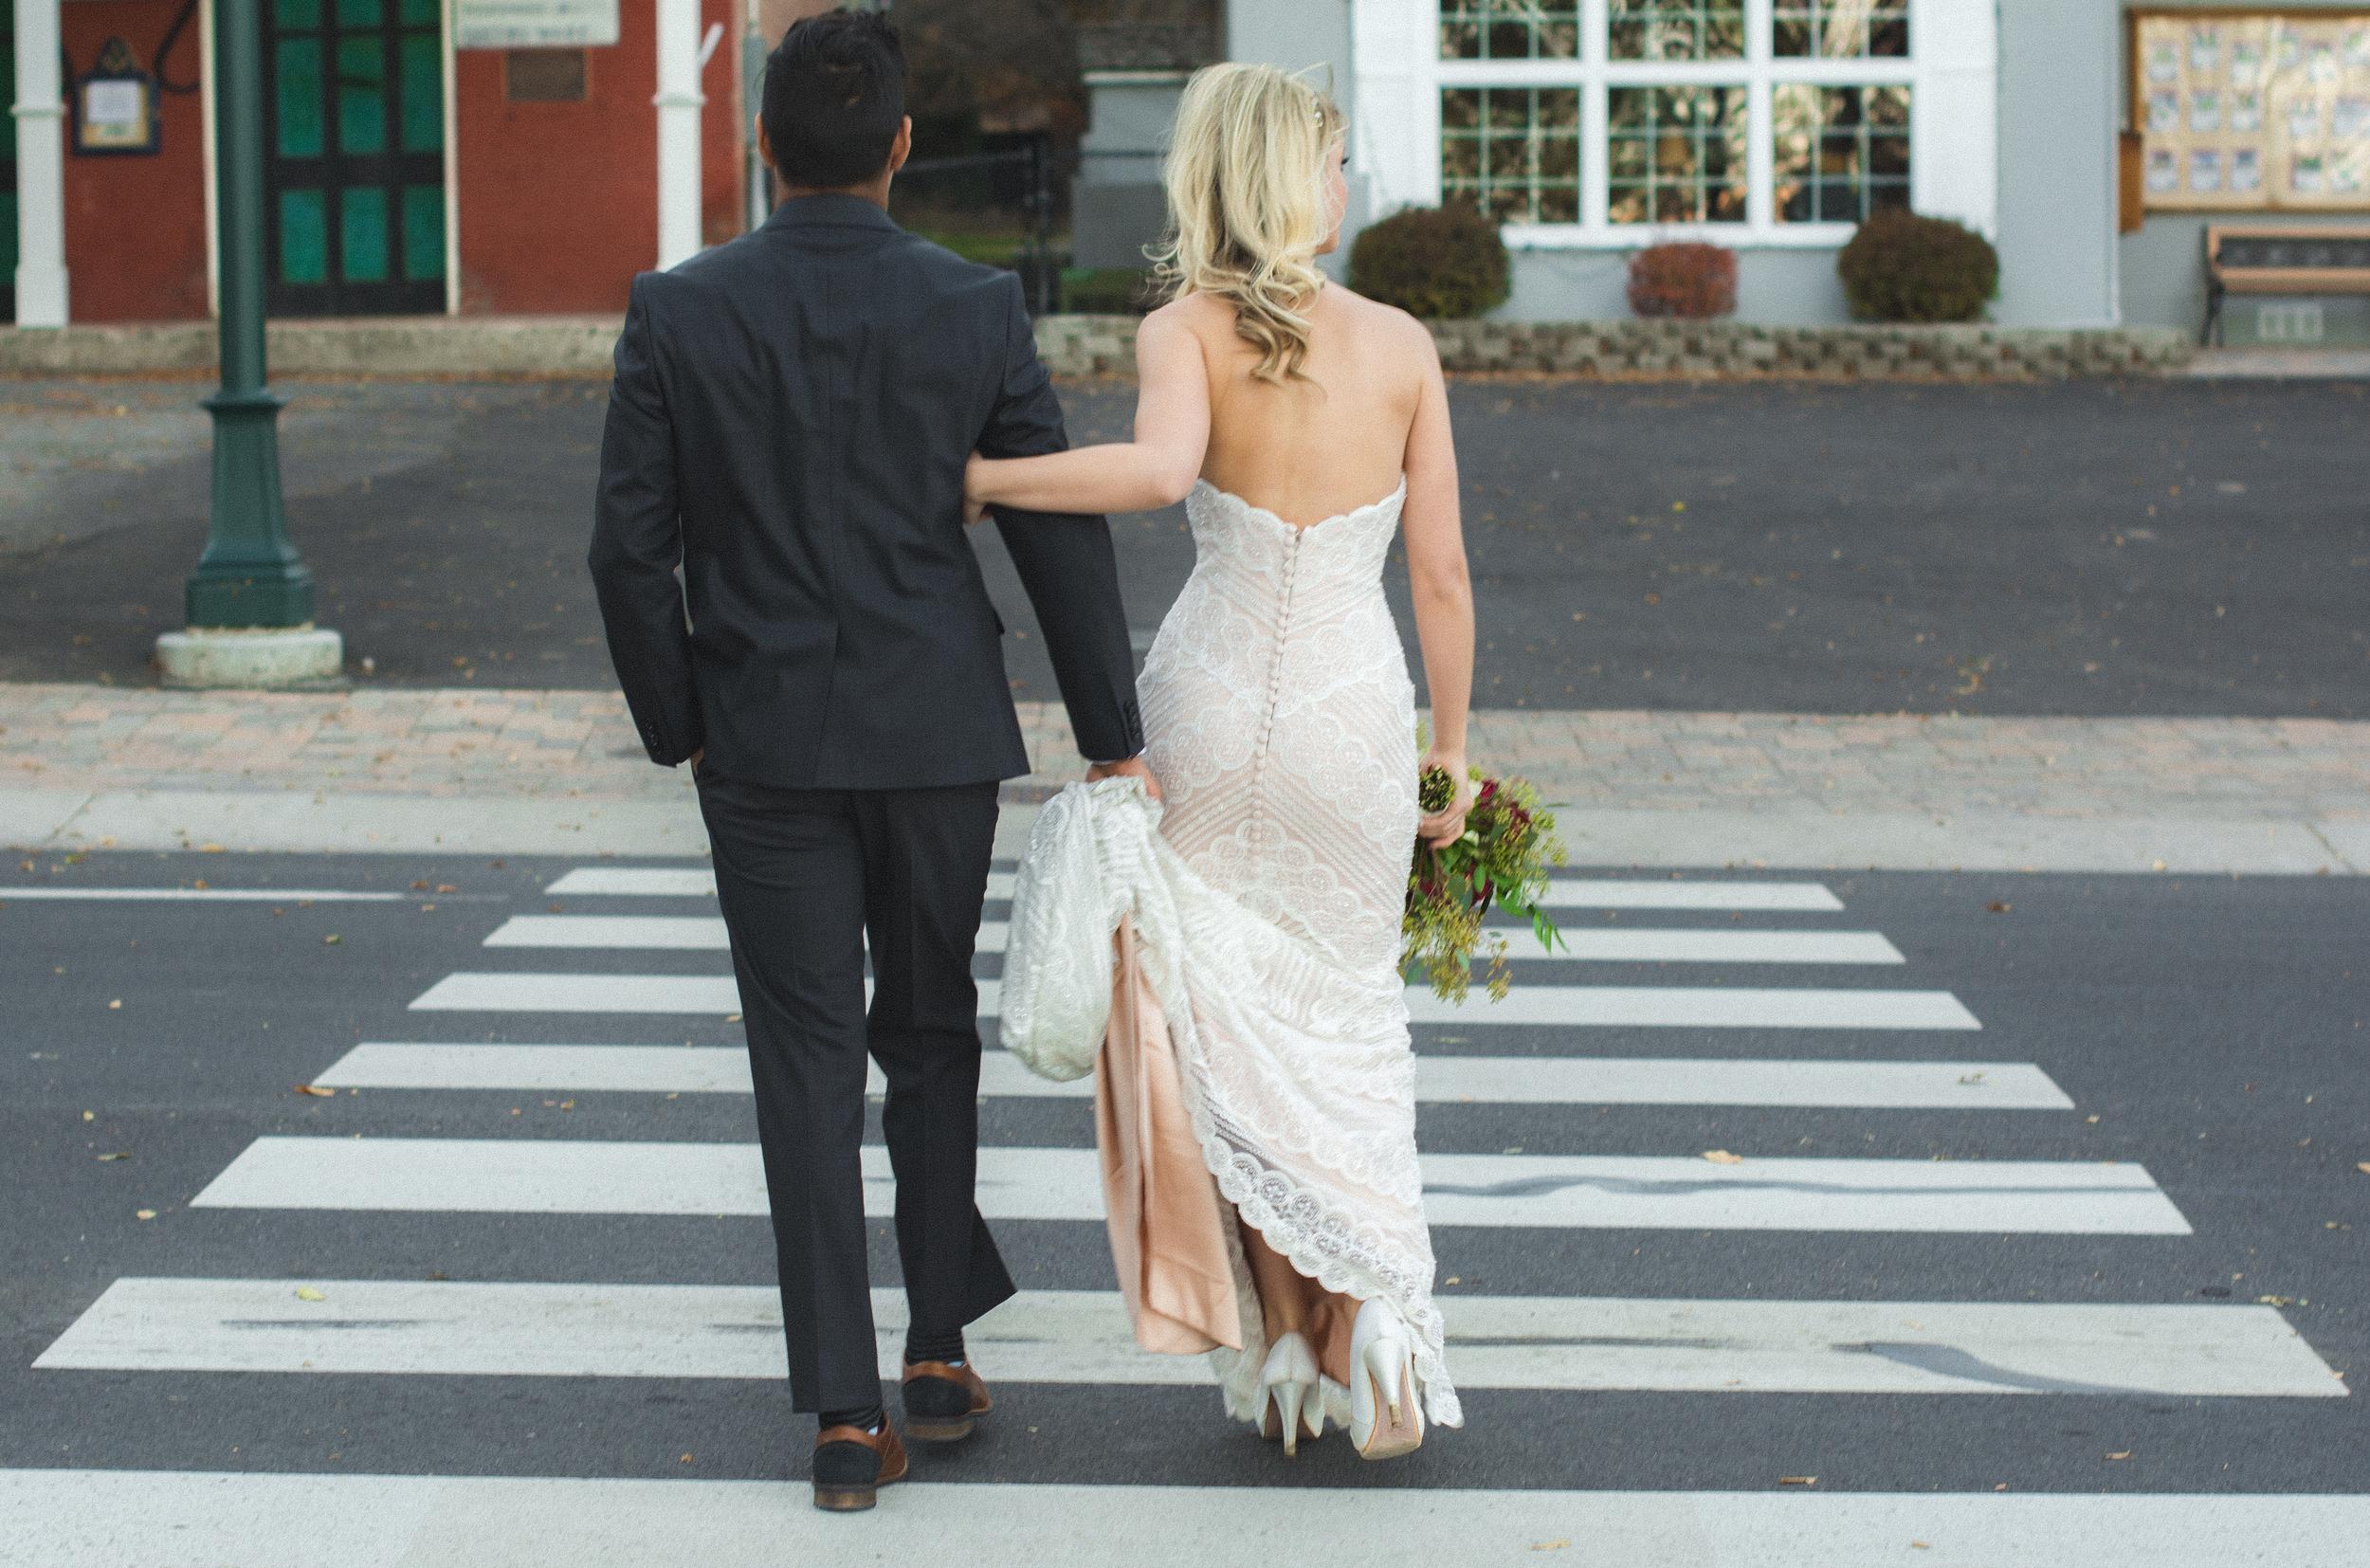 Genoa, NV WeddingDavid Walley's Hot Springs Wedding